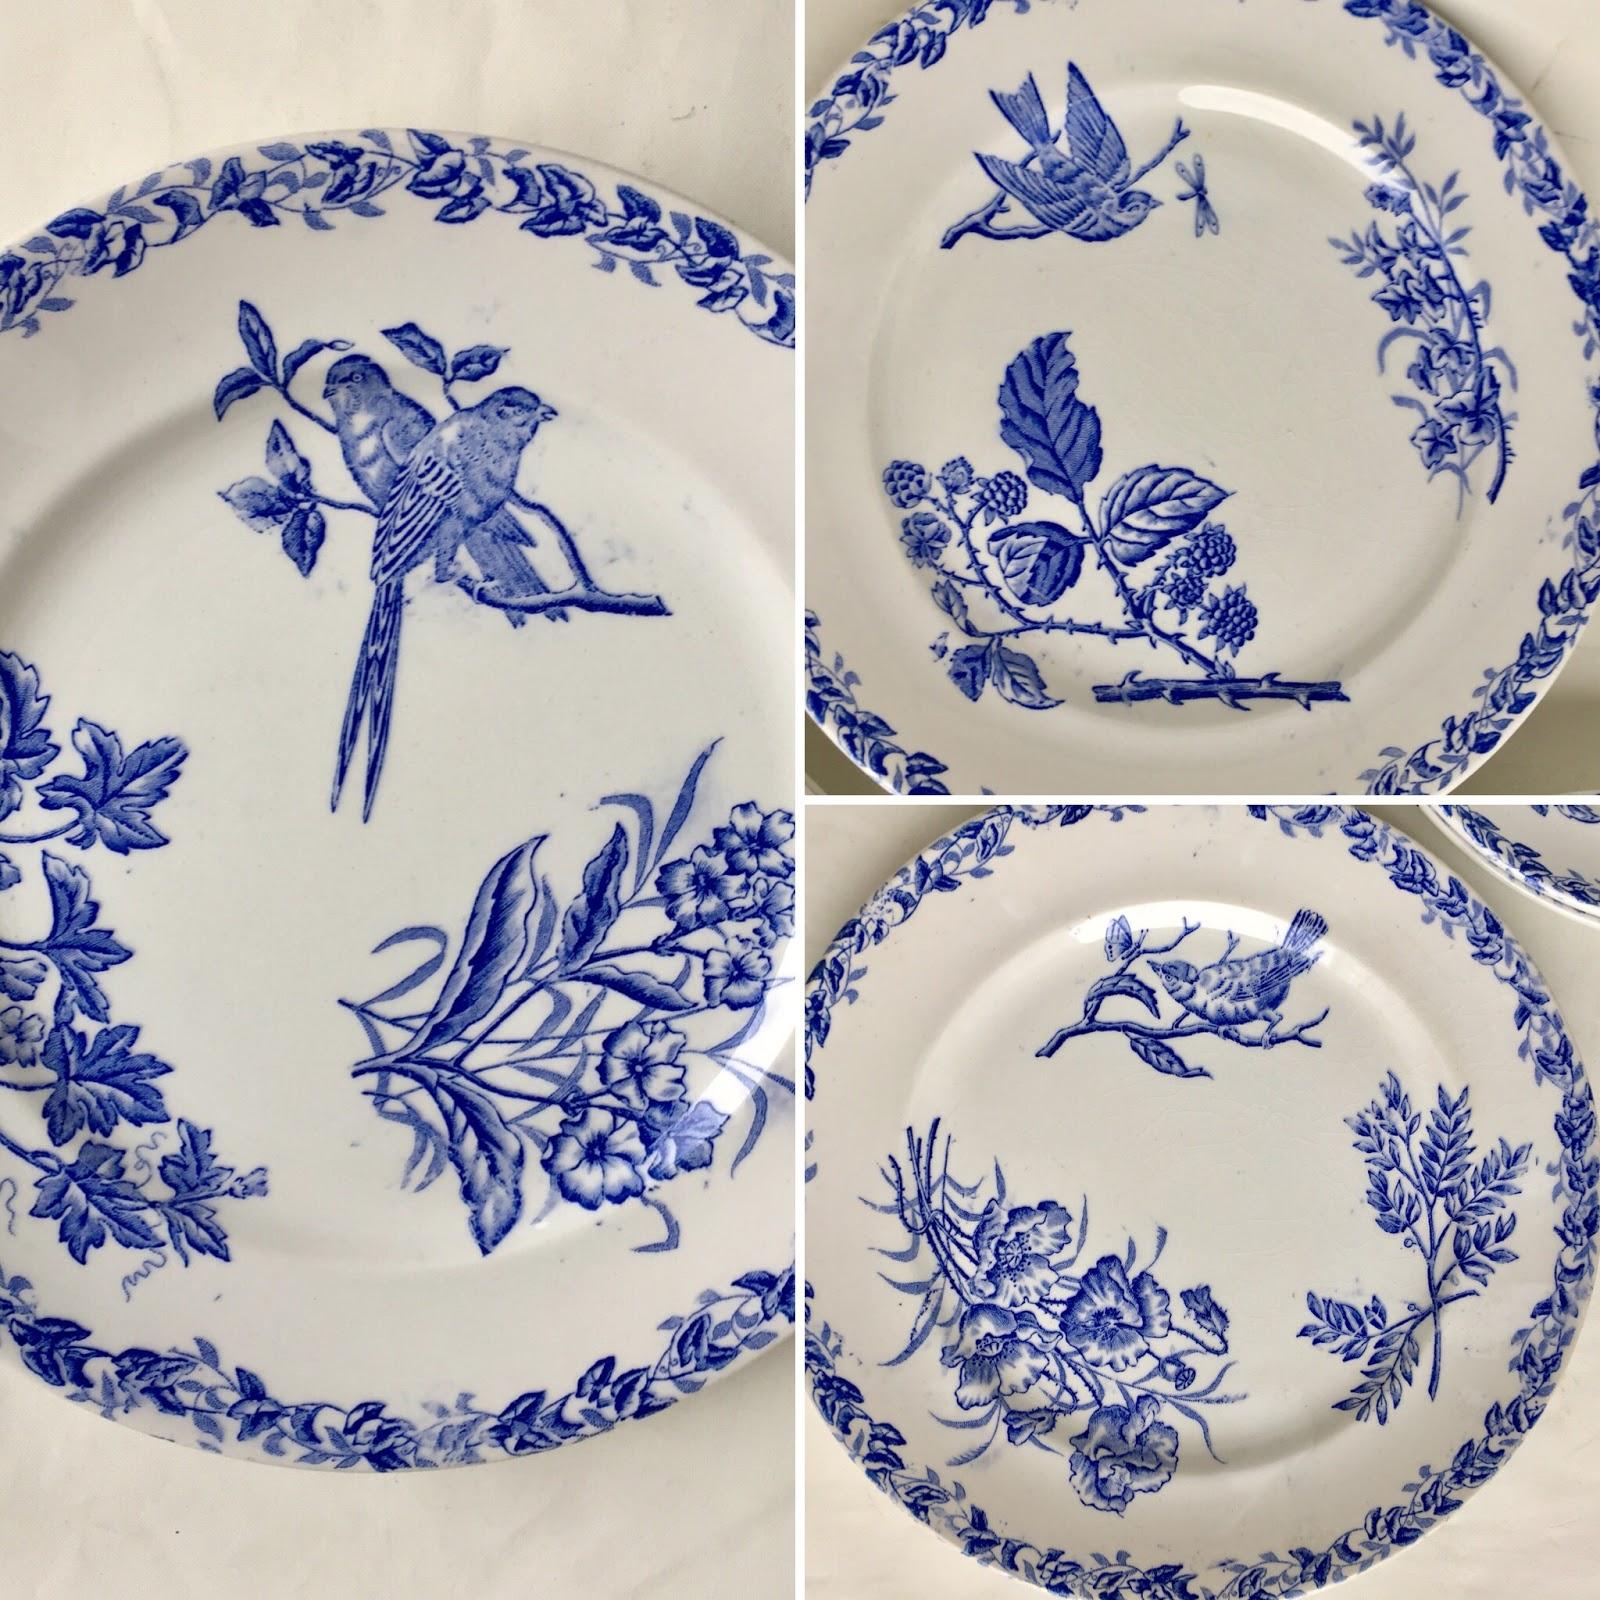 Les Puces De La Bult E Assiettes Fa Ence Bleues Papillons Oiseaux Fleurs Chantilly 100 6: la table italienne senlis